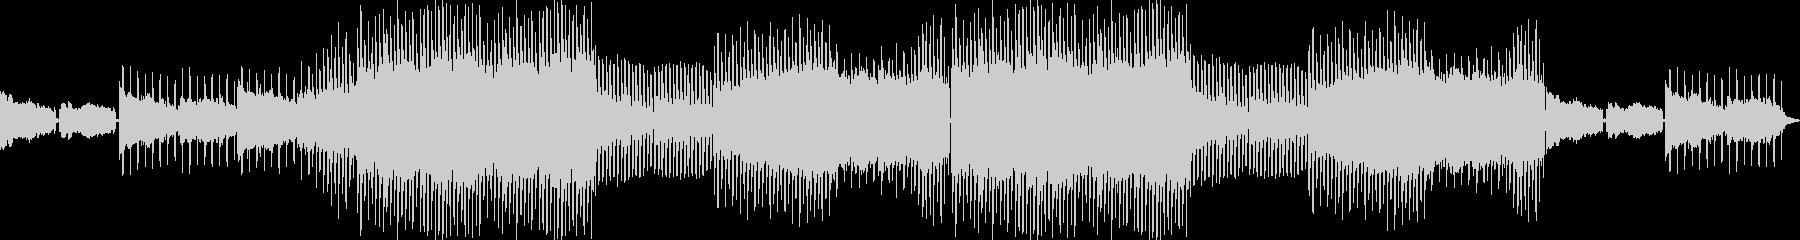 先進的フュージョンミュージックの未再生の波形